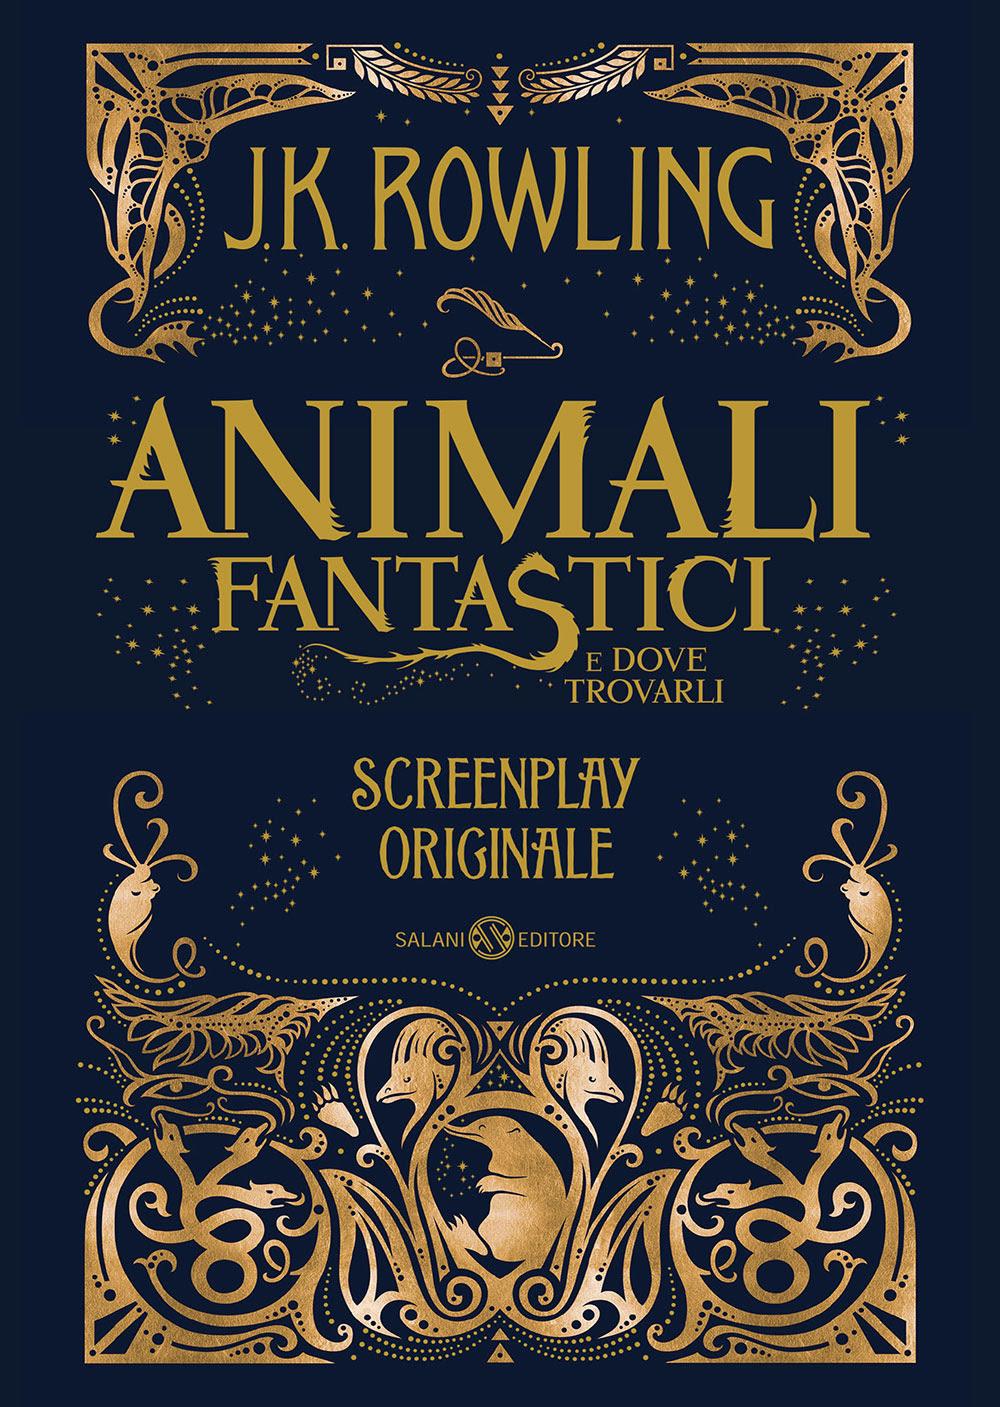 Animali fantastici e dove trovarli